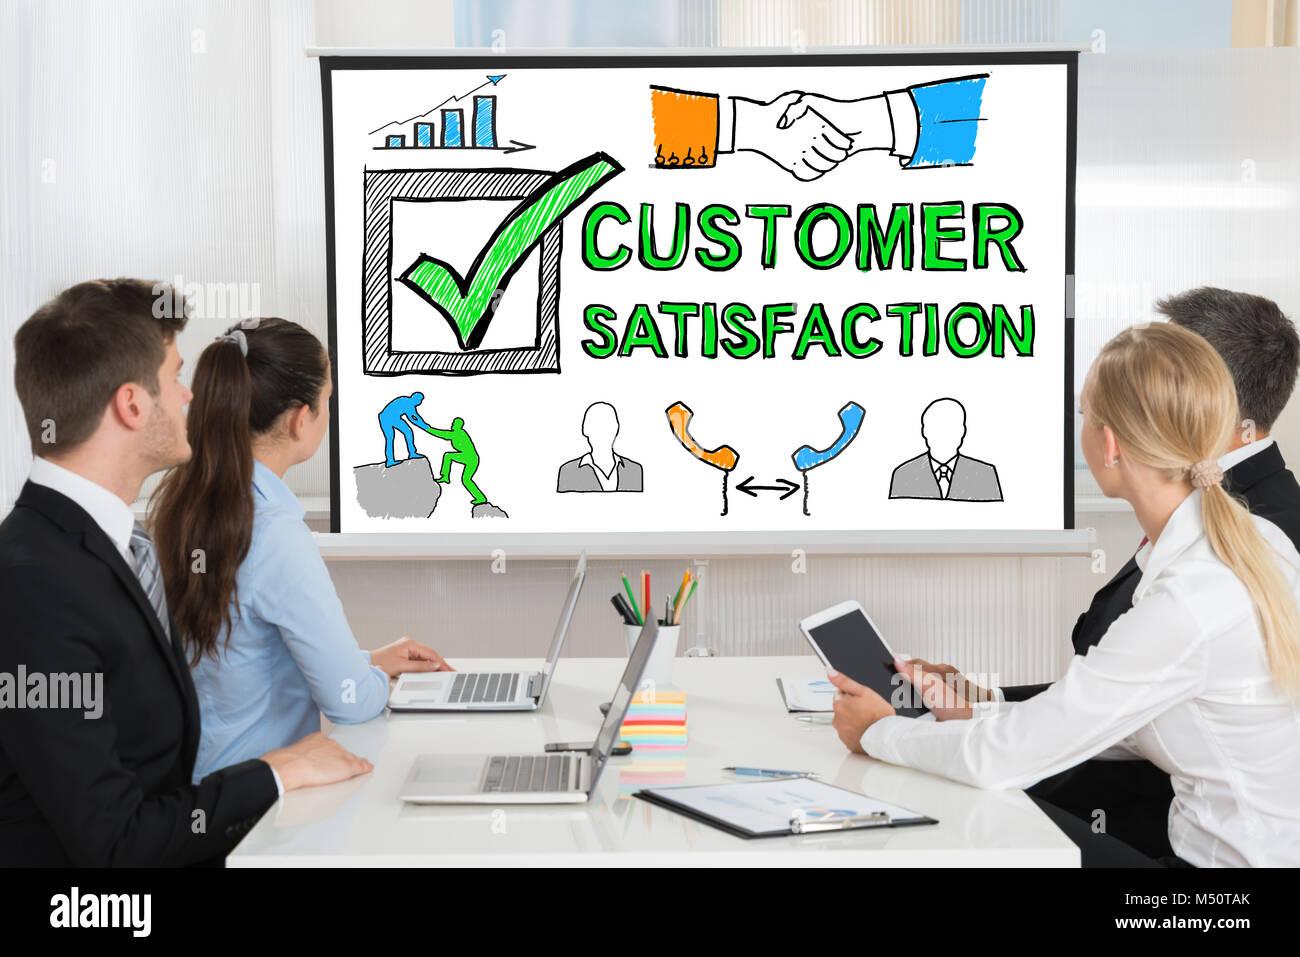 Leute an der Umfrage zur Kundenzufriedenheit Konzept Präsentation Stockbild